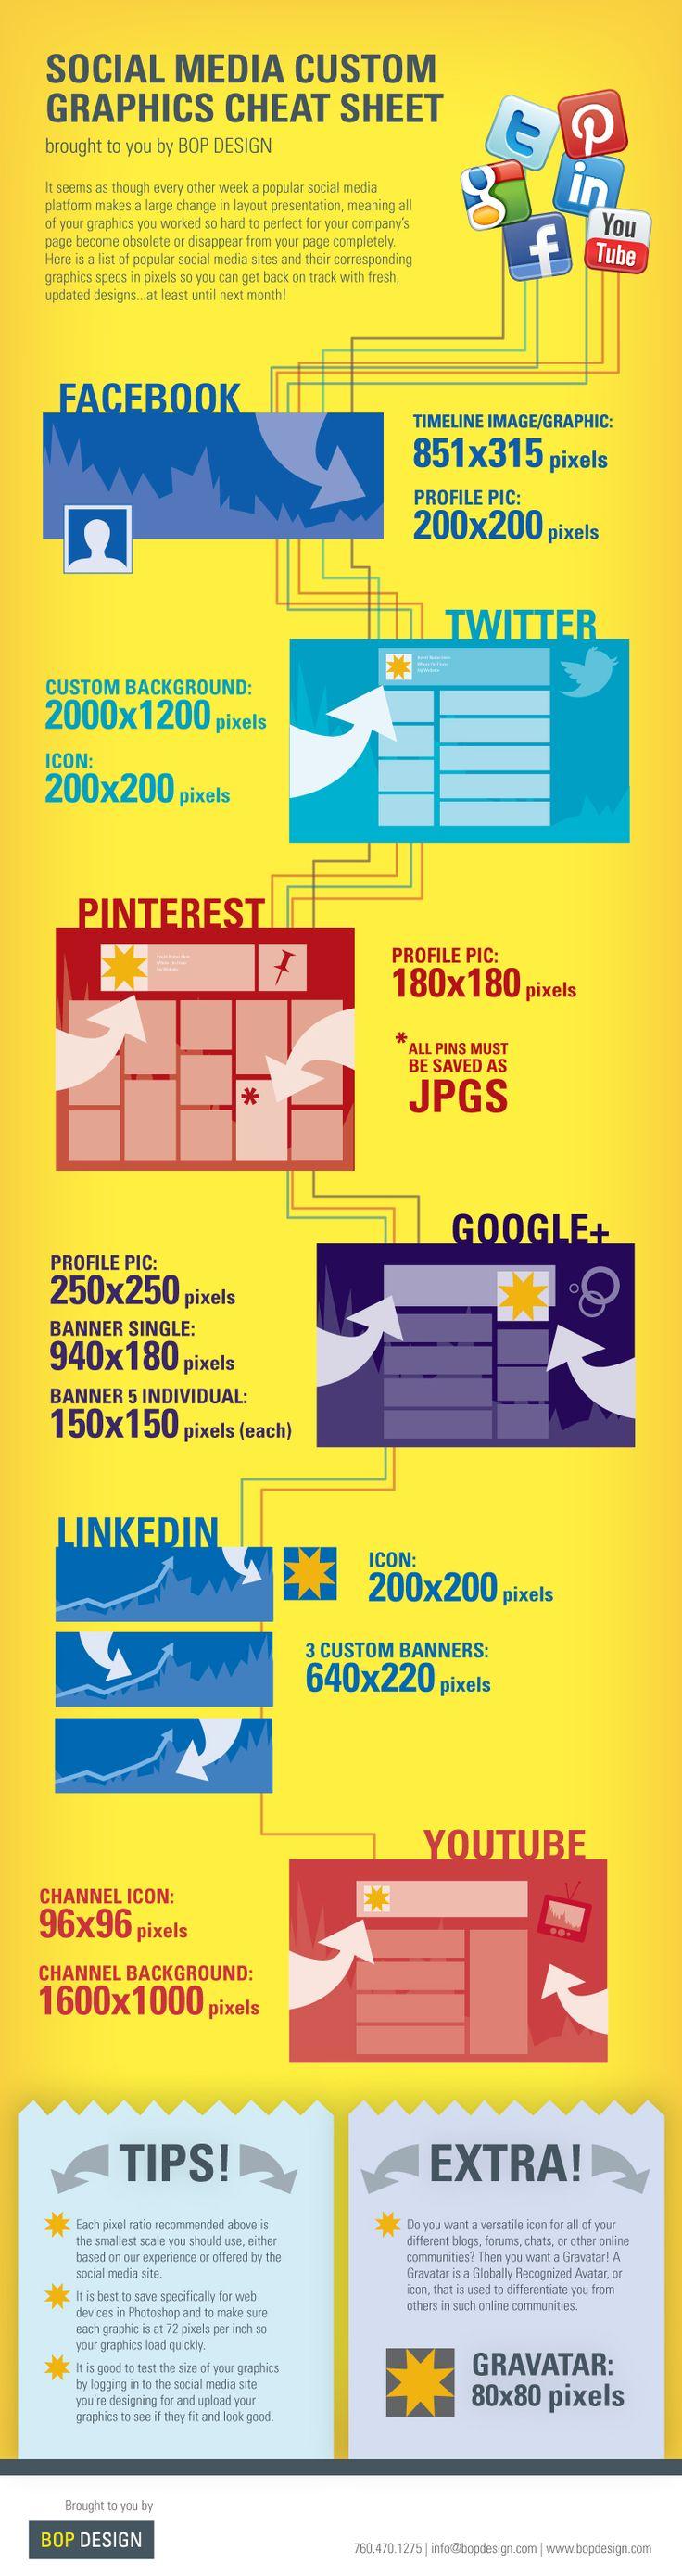 Social media custom graphics cheat sheet